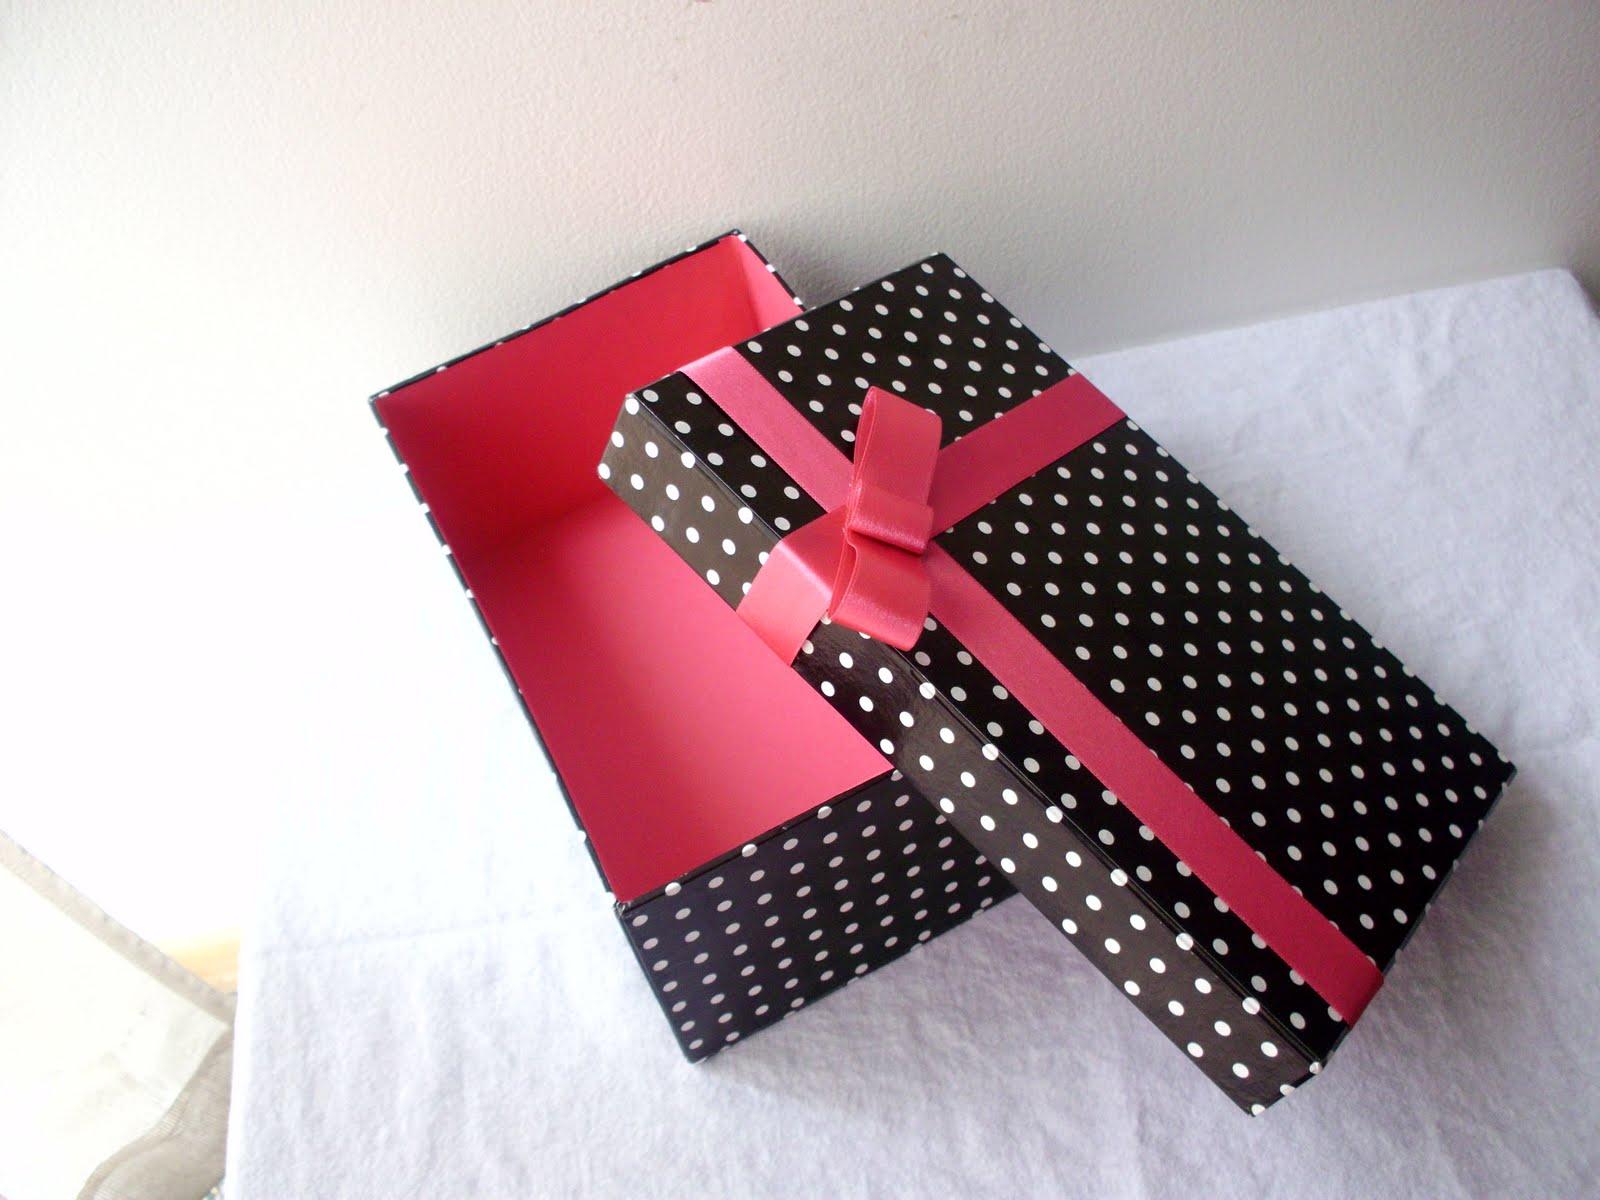 Cudet cajas decorativas cajas para regalos - Cajas de decoracion ...